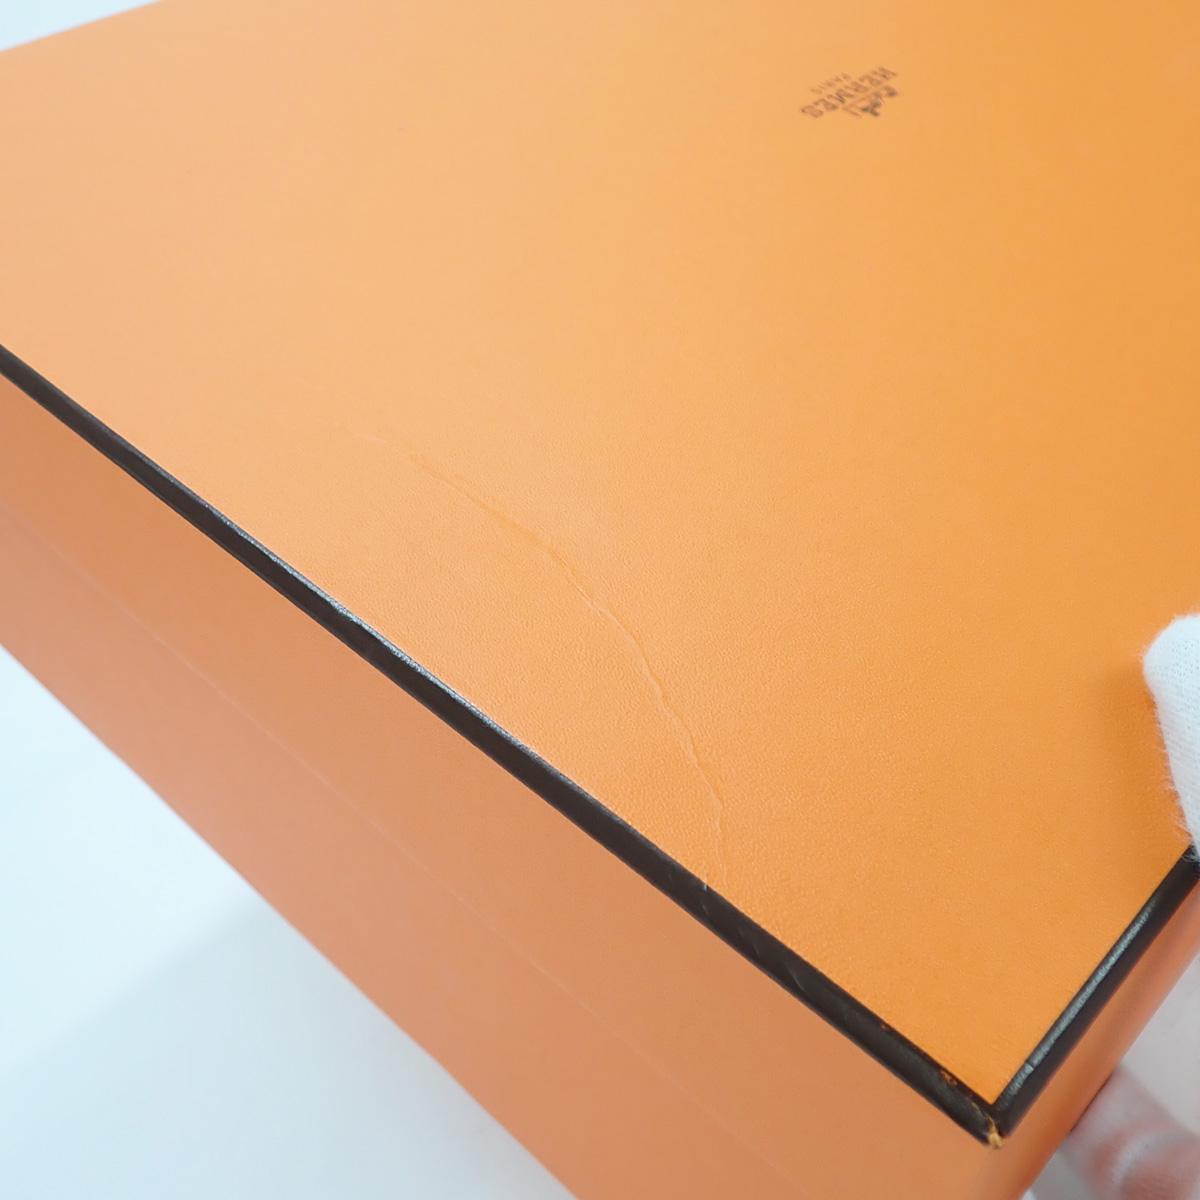 【辛口評価】【SAランク】HERMES エルメス ジミー シューズ サイズ36 (約23.0cm相当) H171086Z レザー ホワイト